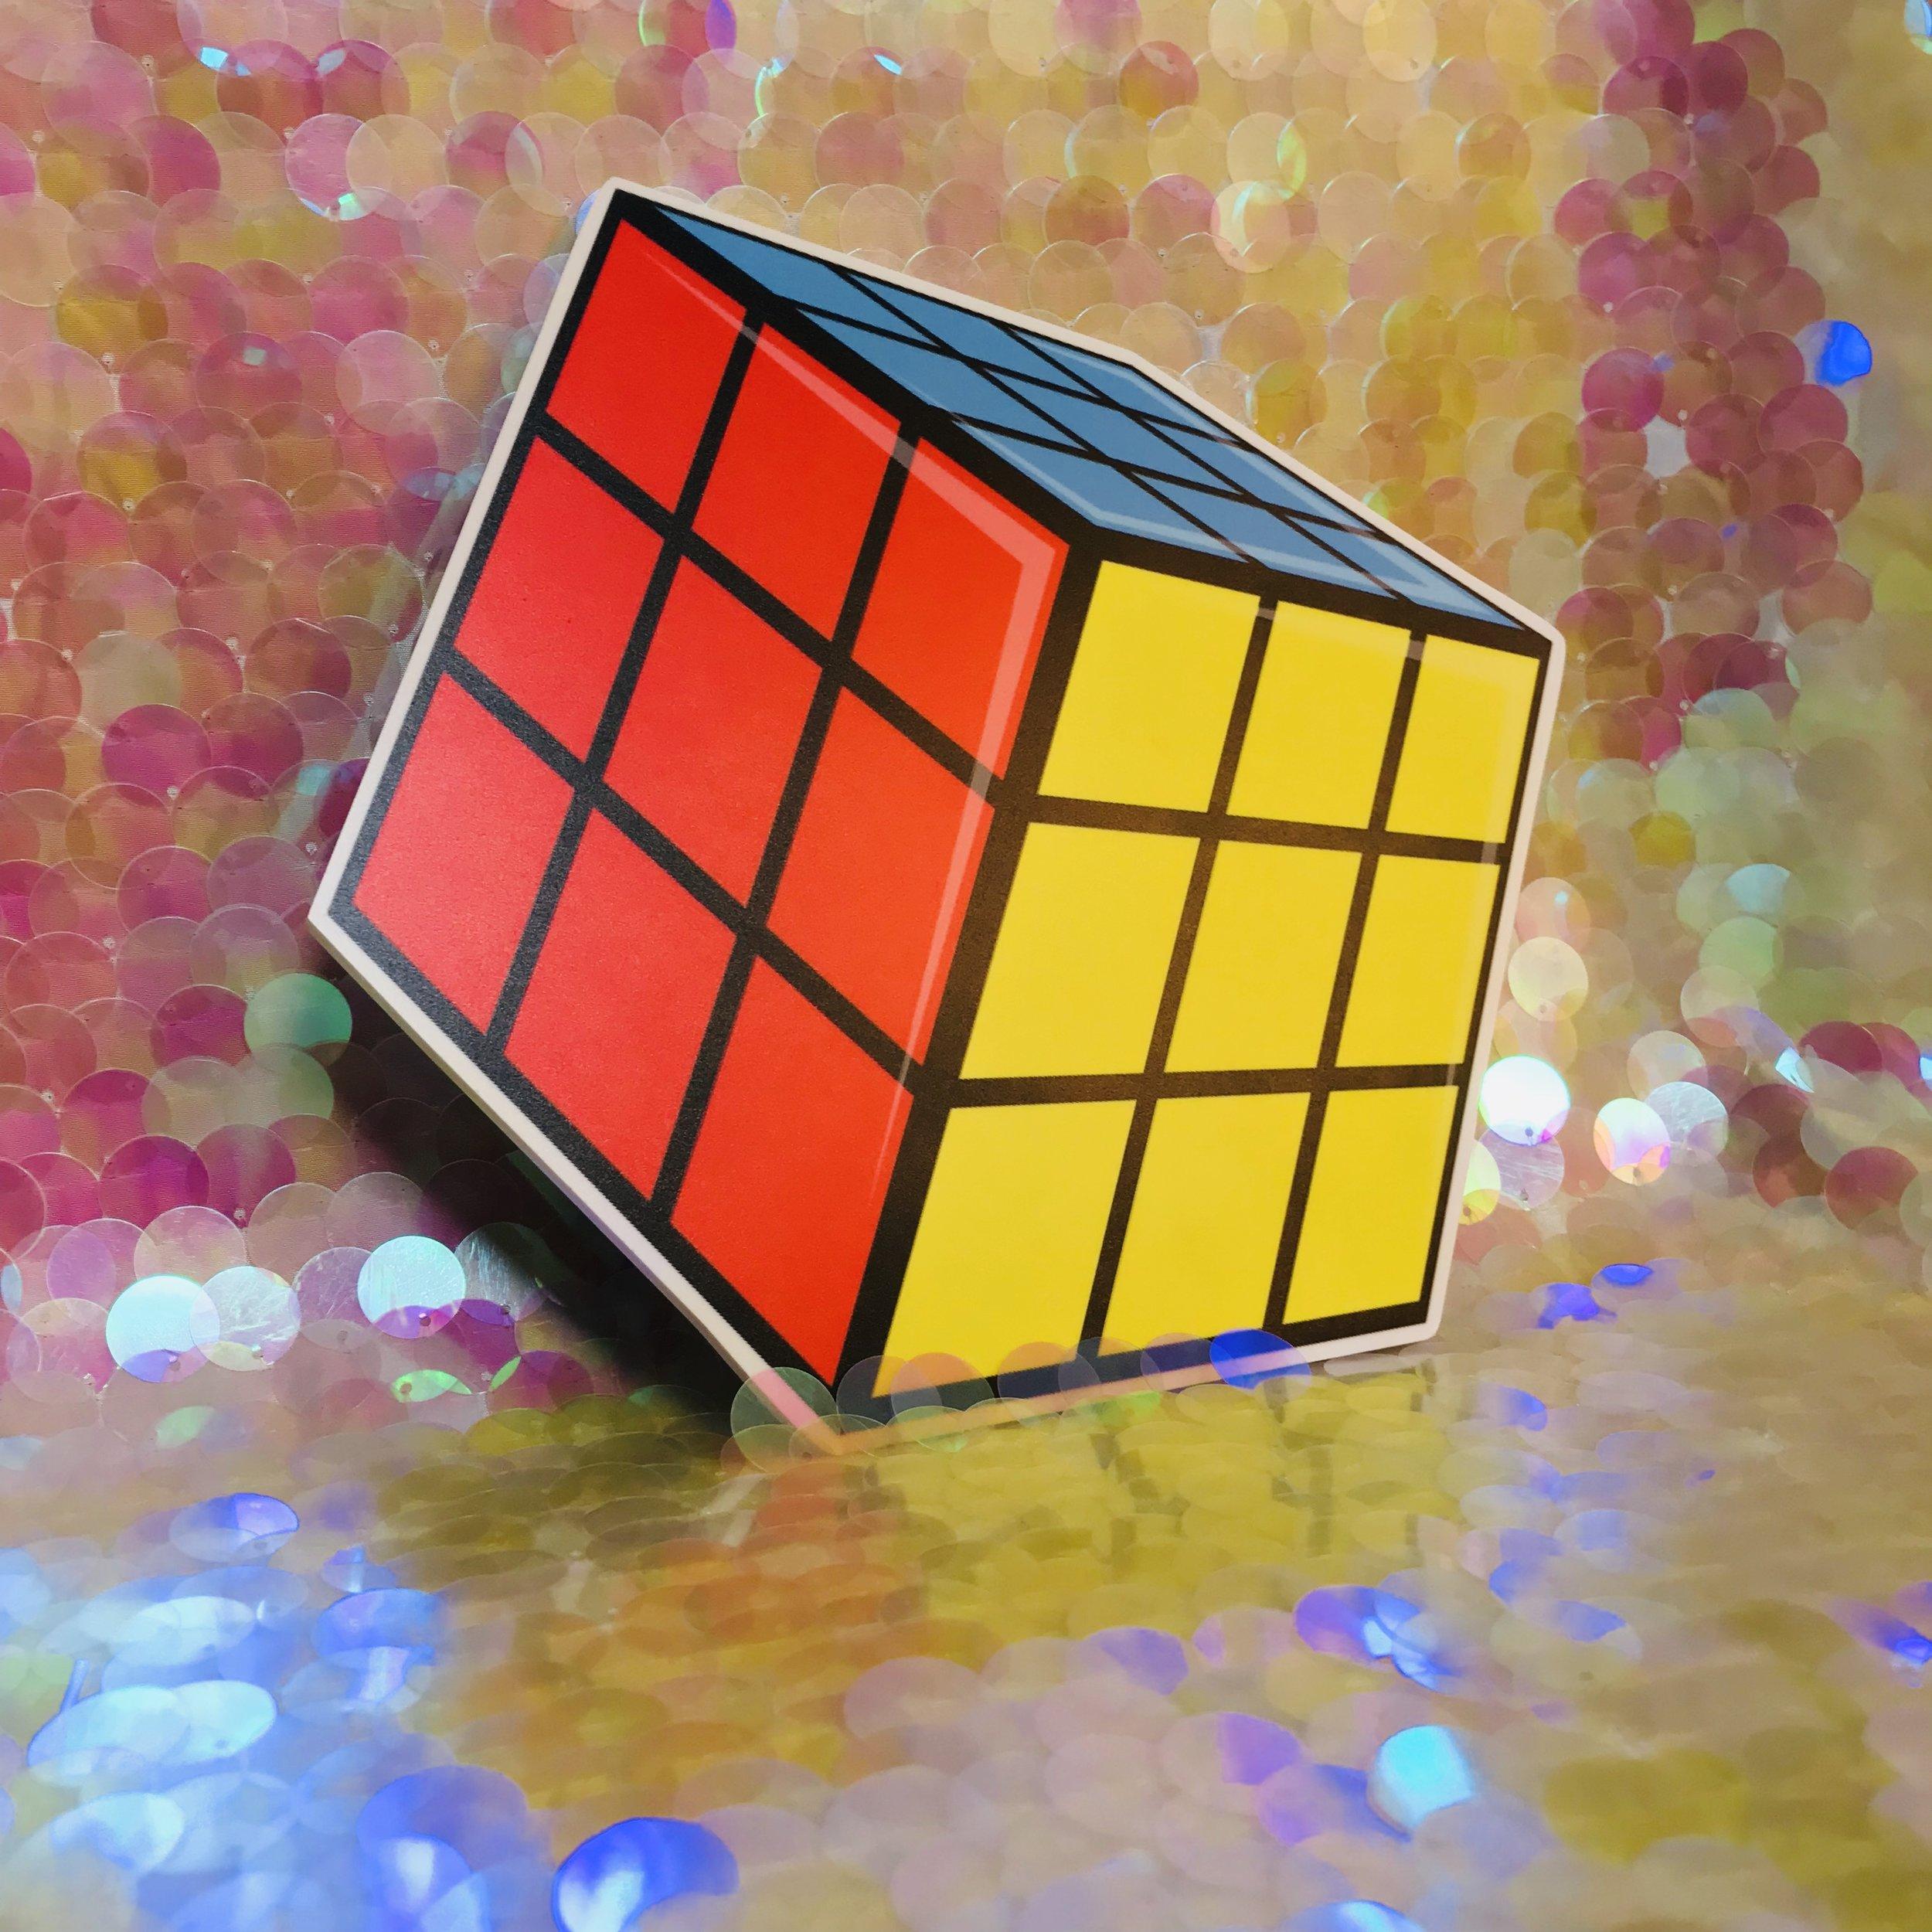 Rubix Cube.jpg